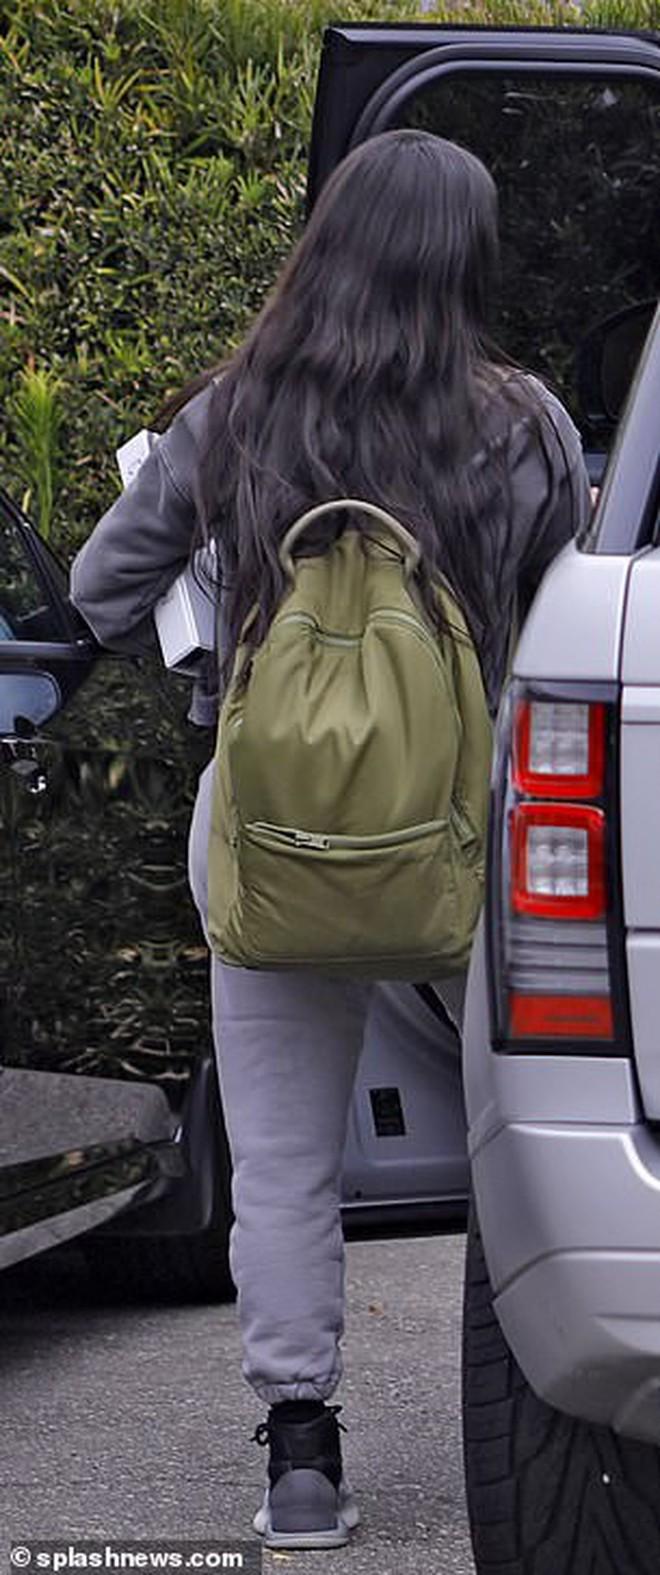 Sinh viên đại học U40 Kim Kardashian: Tưởng khiêm tốn nhưng vẫn đi thi bằng siêu xe, không quên cắp túi 2 tỉ bên người - Ảnh 1.